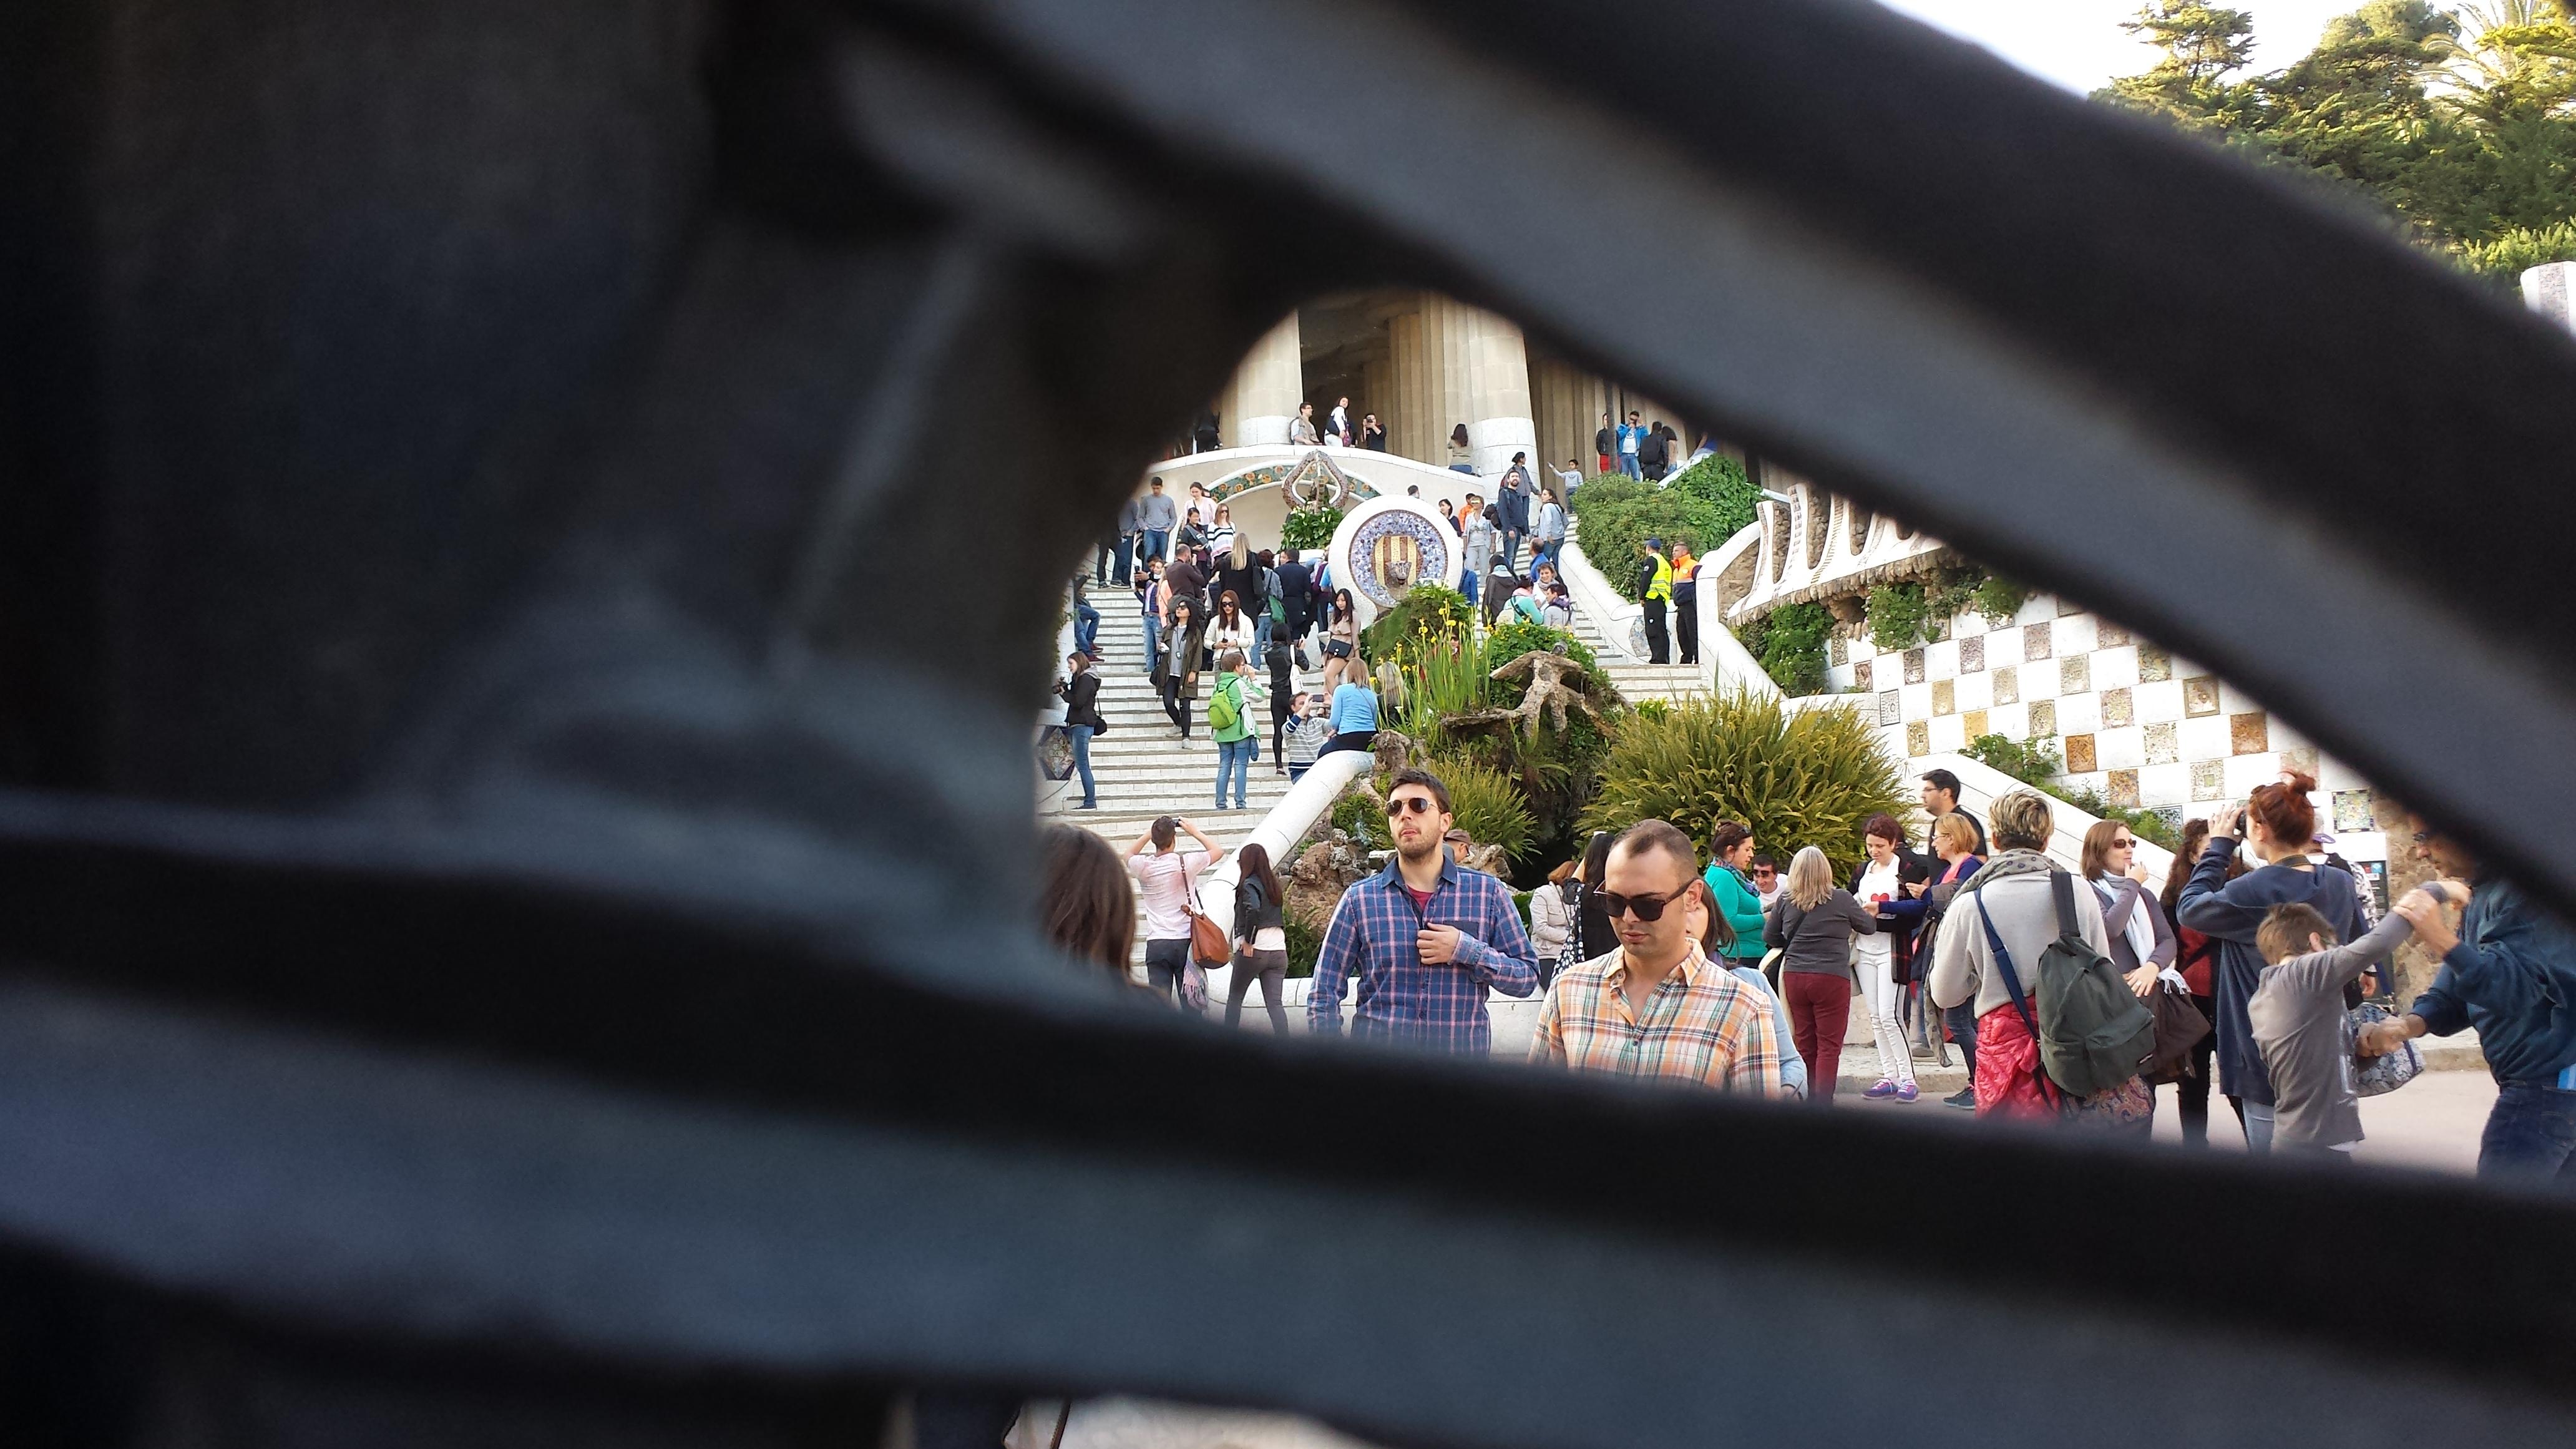 Park Güell, Barcelona, April 2015